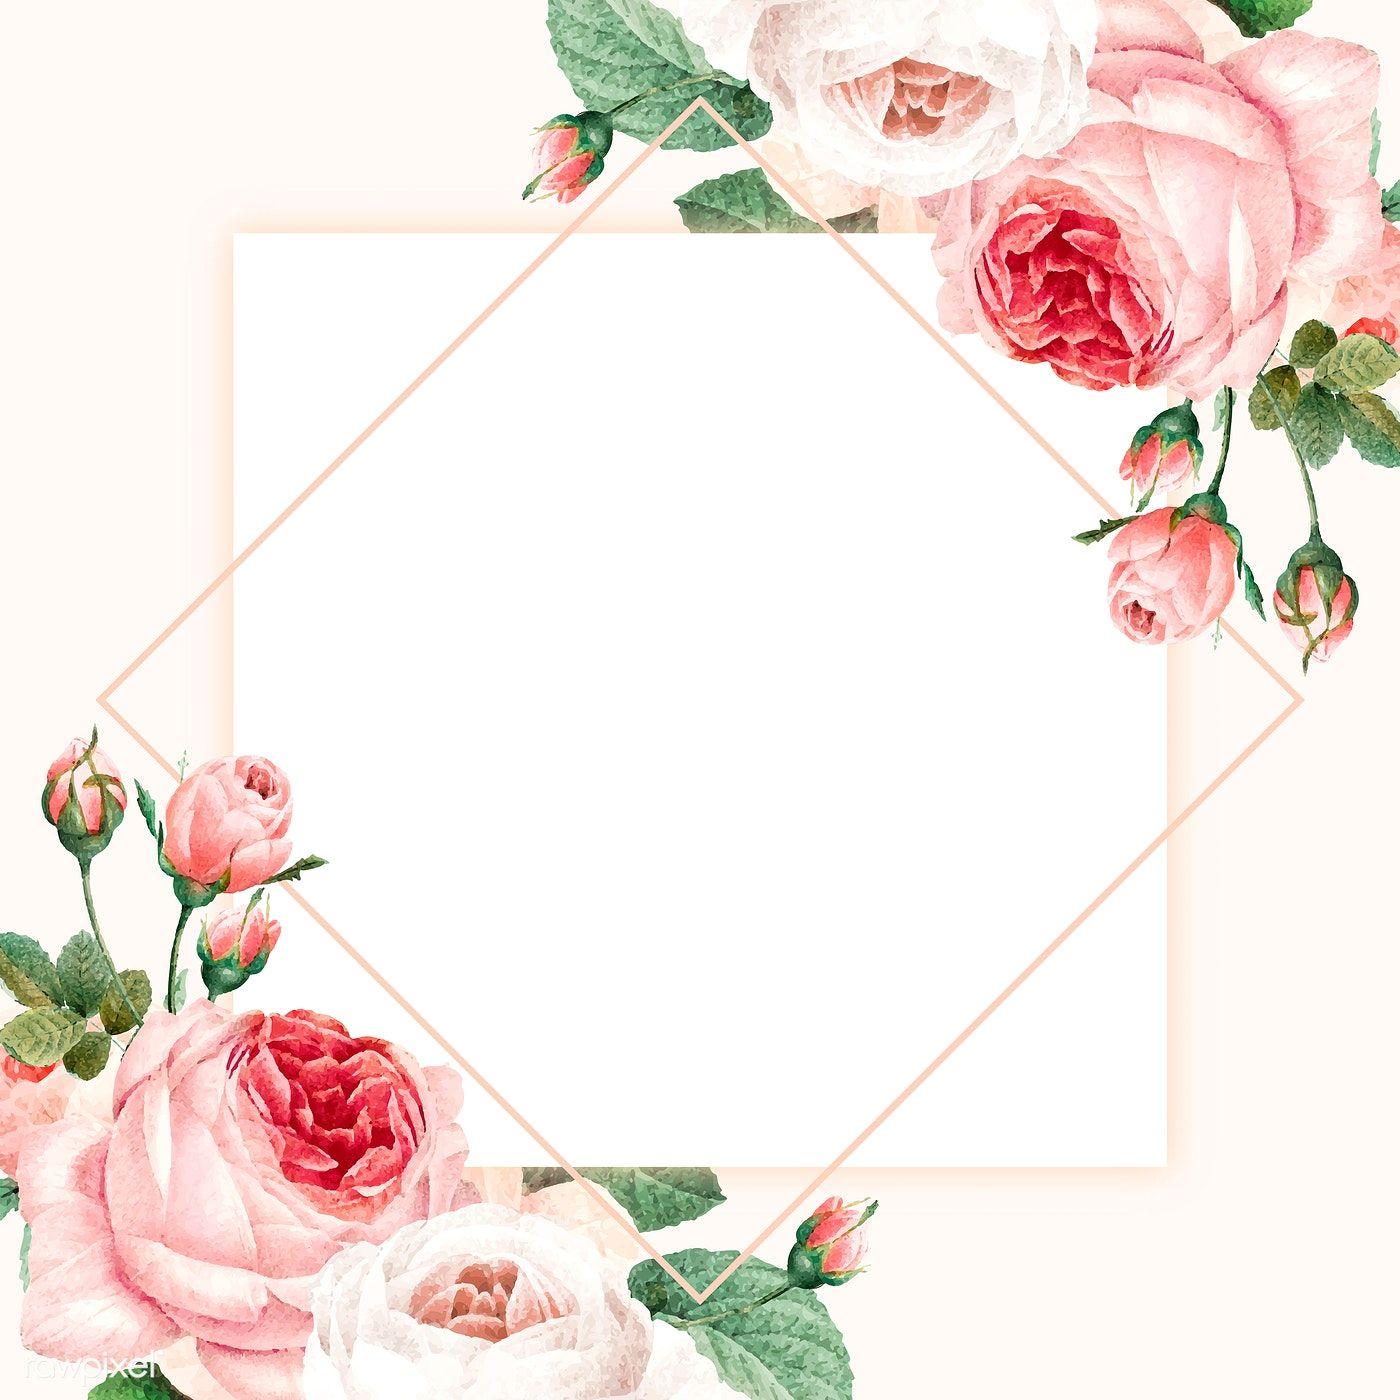 Download Premium Vector Of Blank Golden Square Frame Vector 1216062 Monograma Casamento Ideias De Convite Convite De Casamento